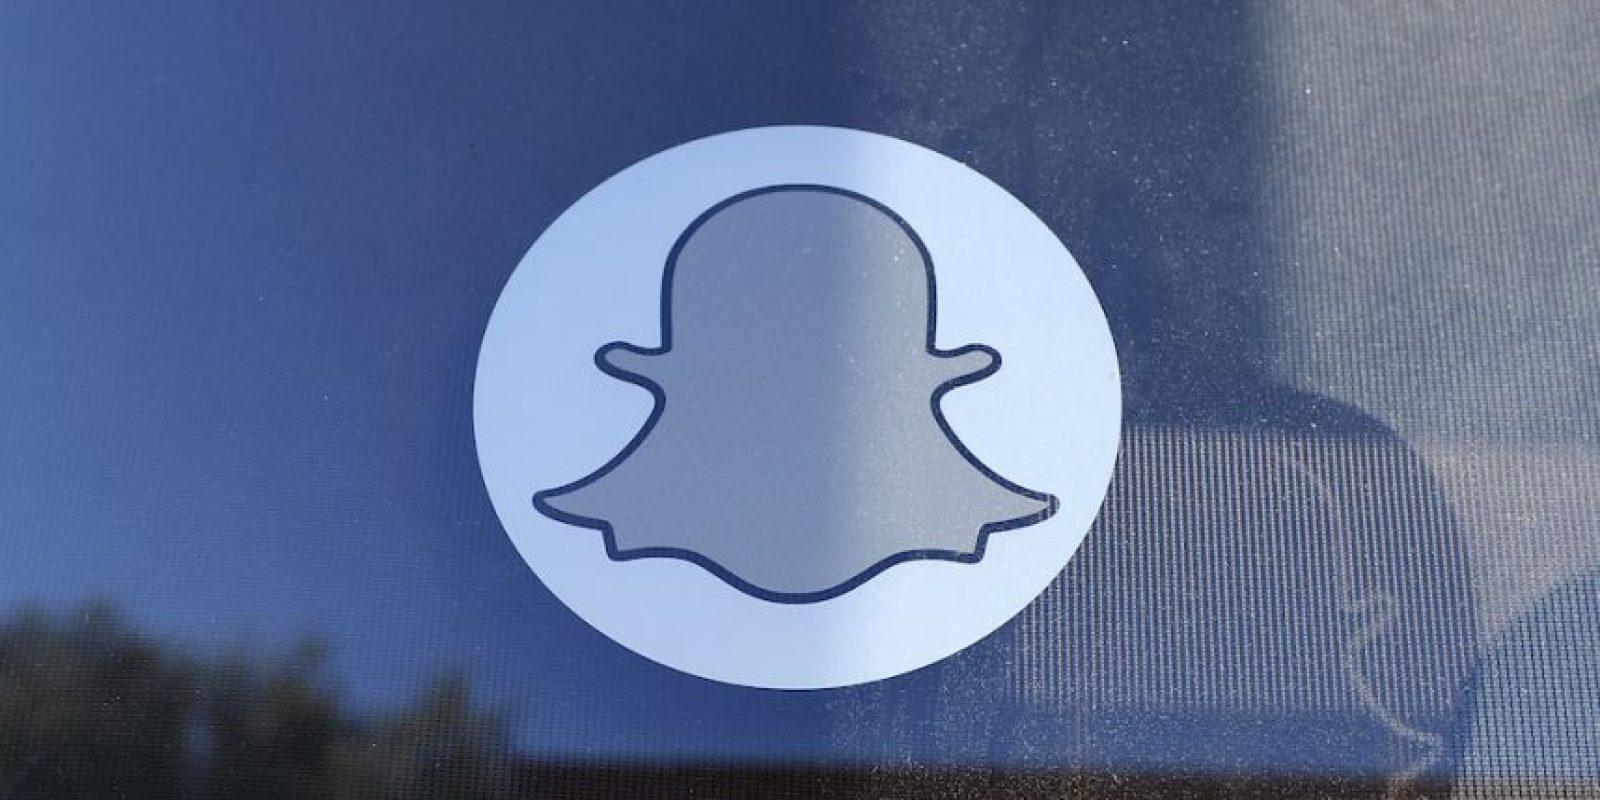 La aplicación confirmó el robo de información. Foto:Getty Images